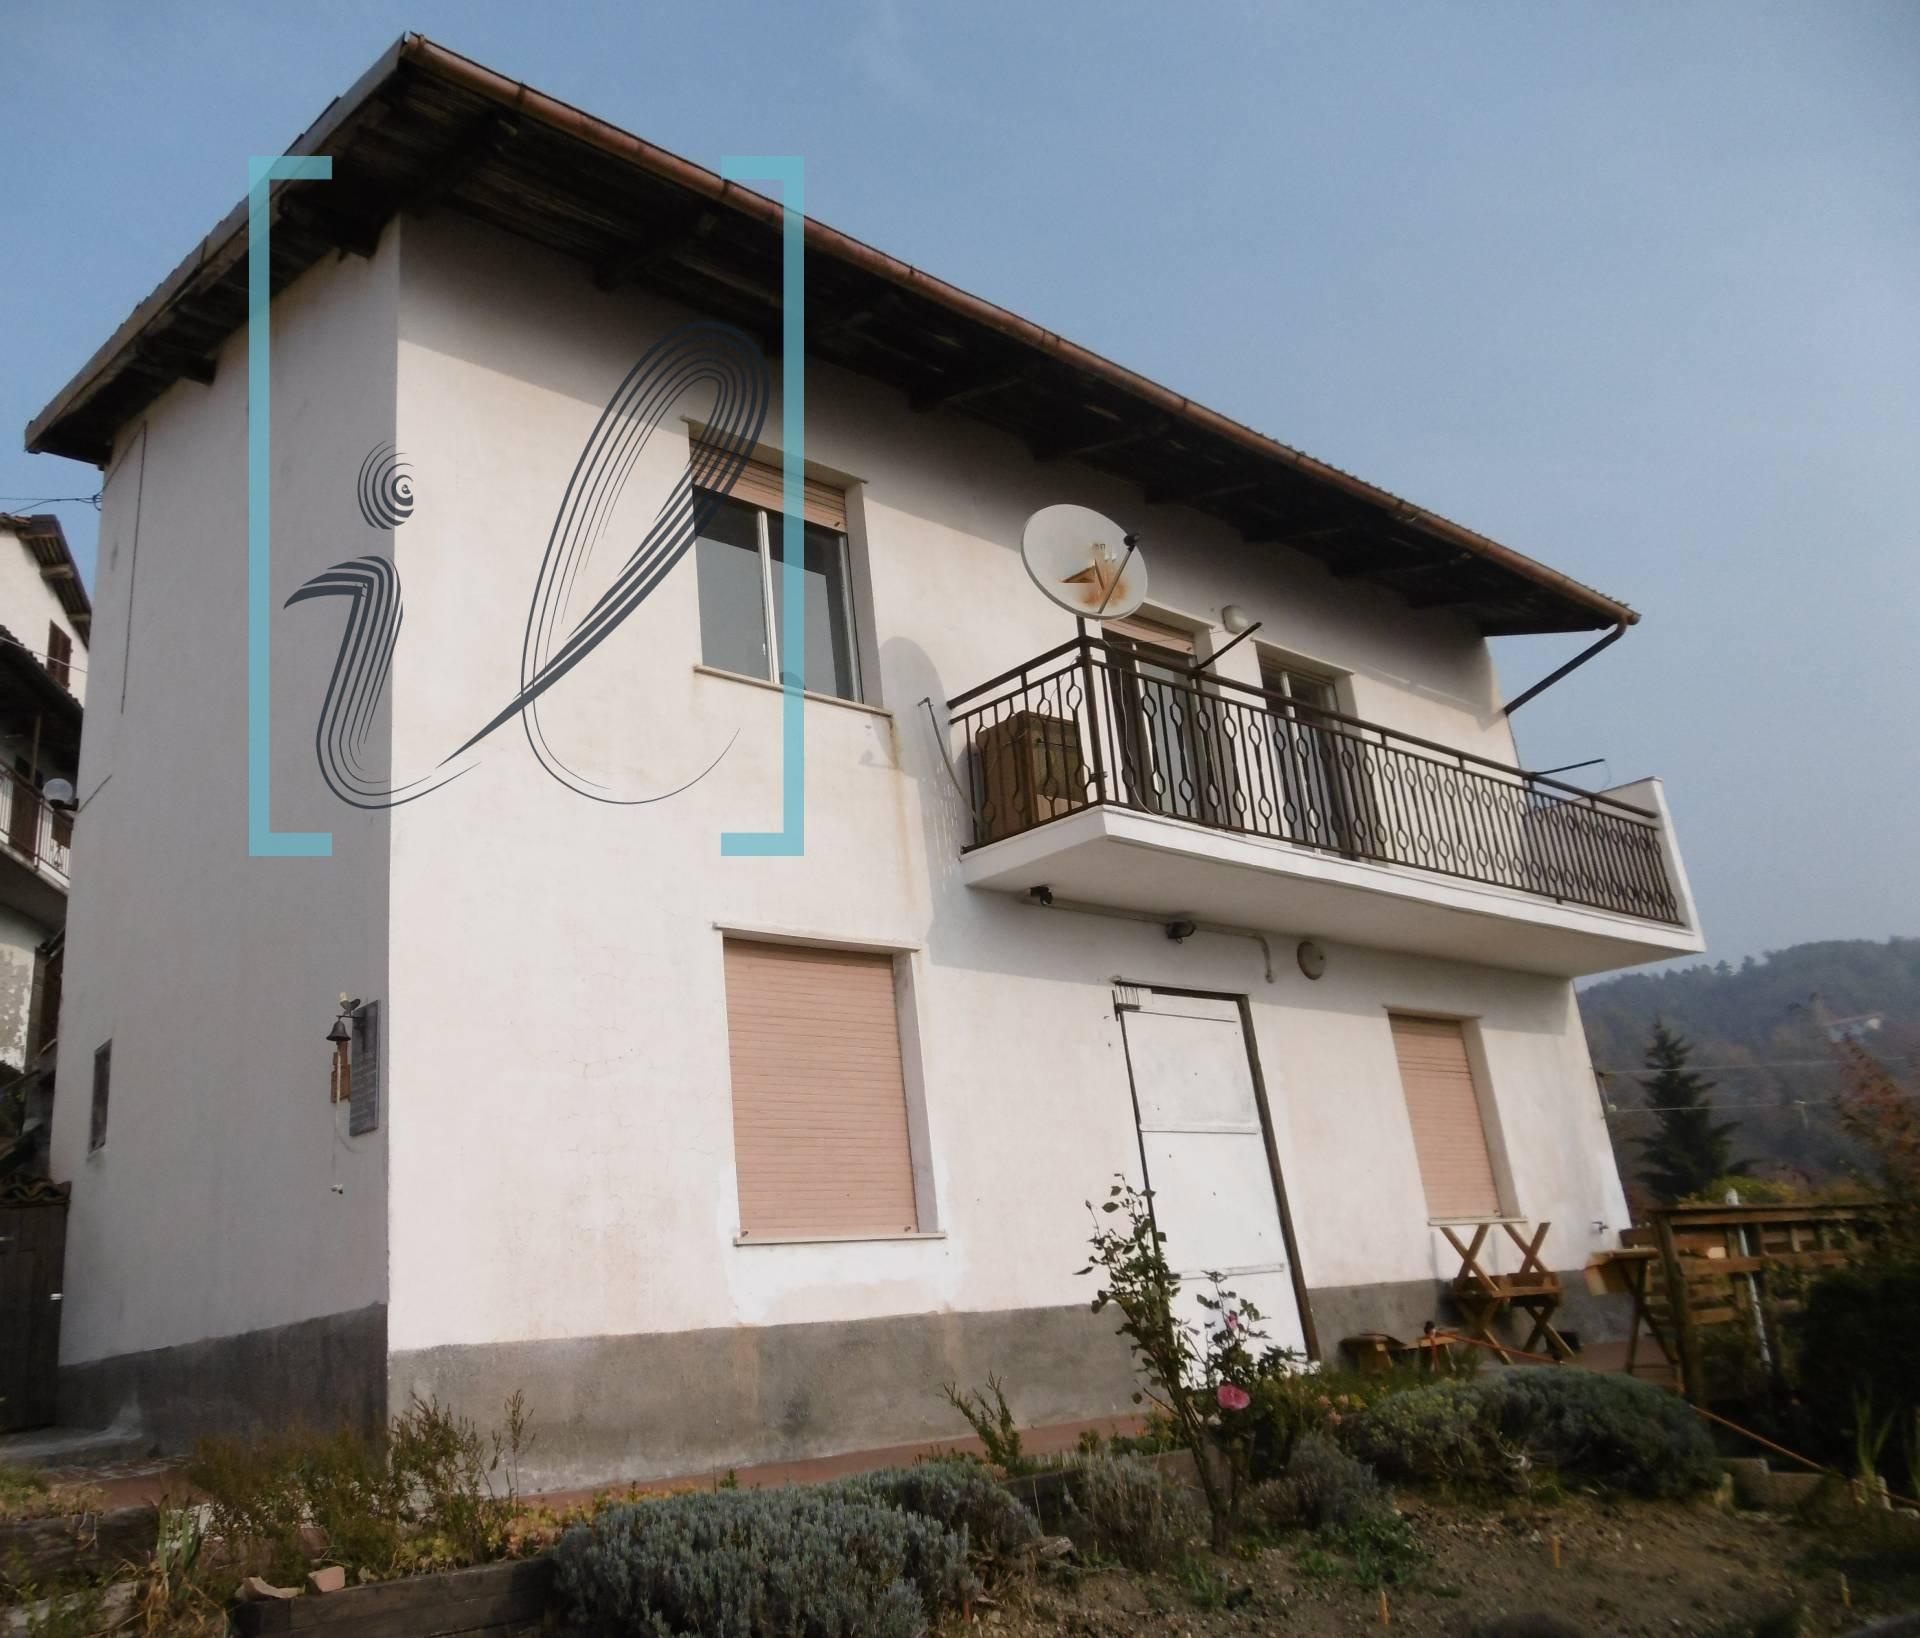 Rustico / Casale in vendita a Perlo, 4 locali, prezzo € 58.000 | CambioCasa.it